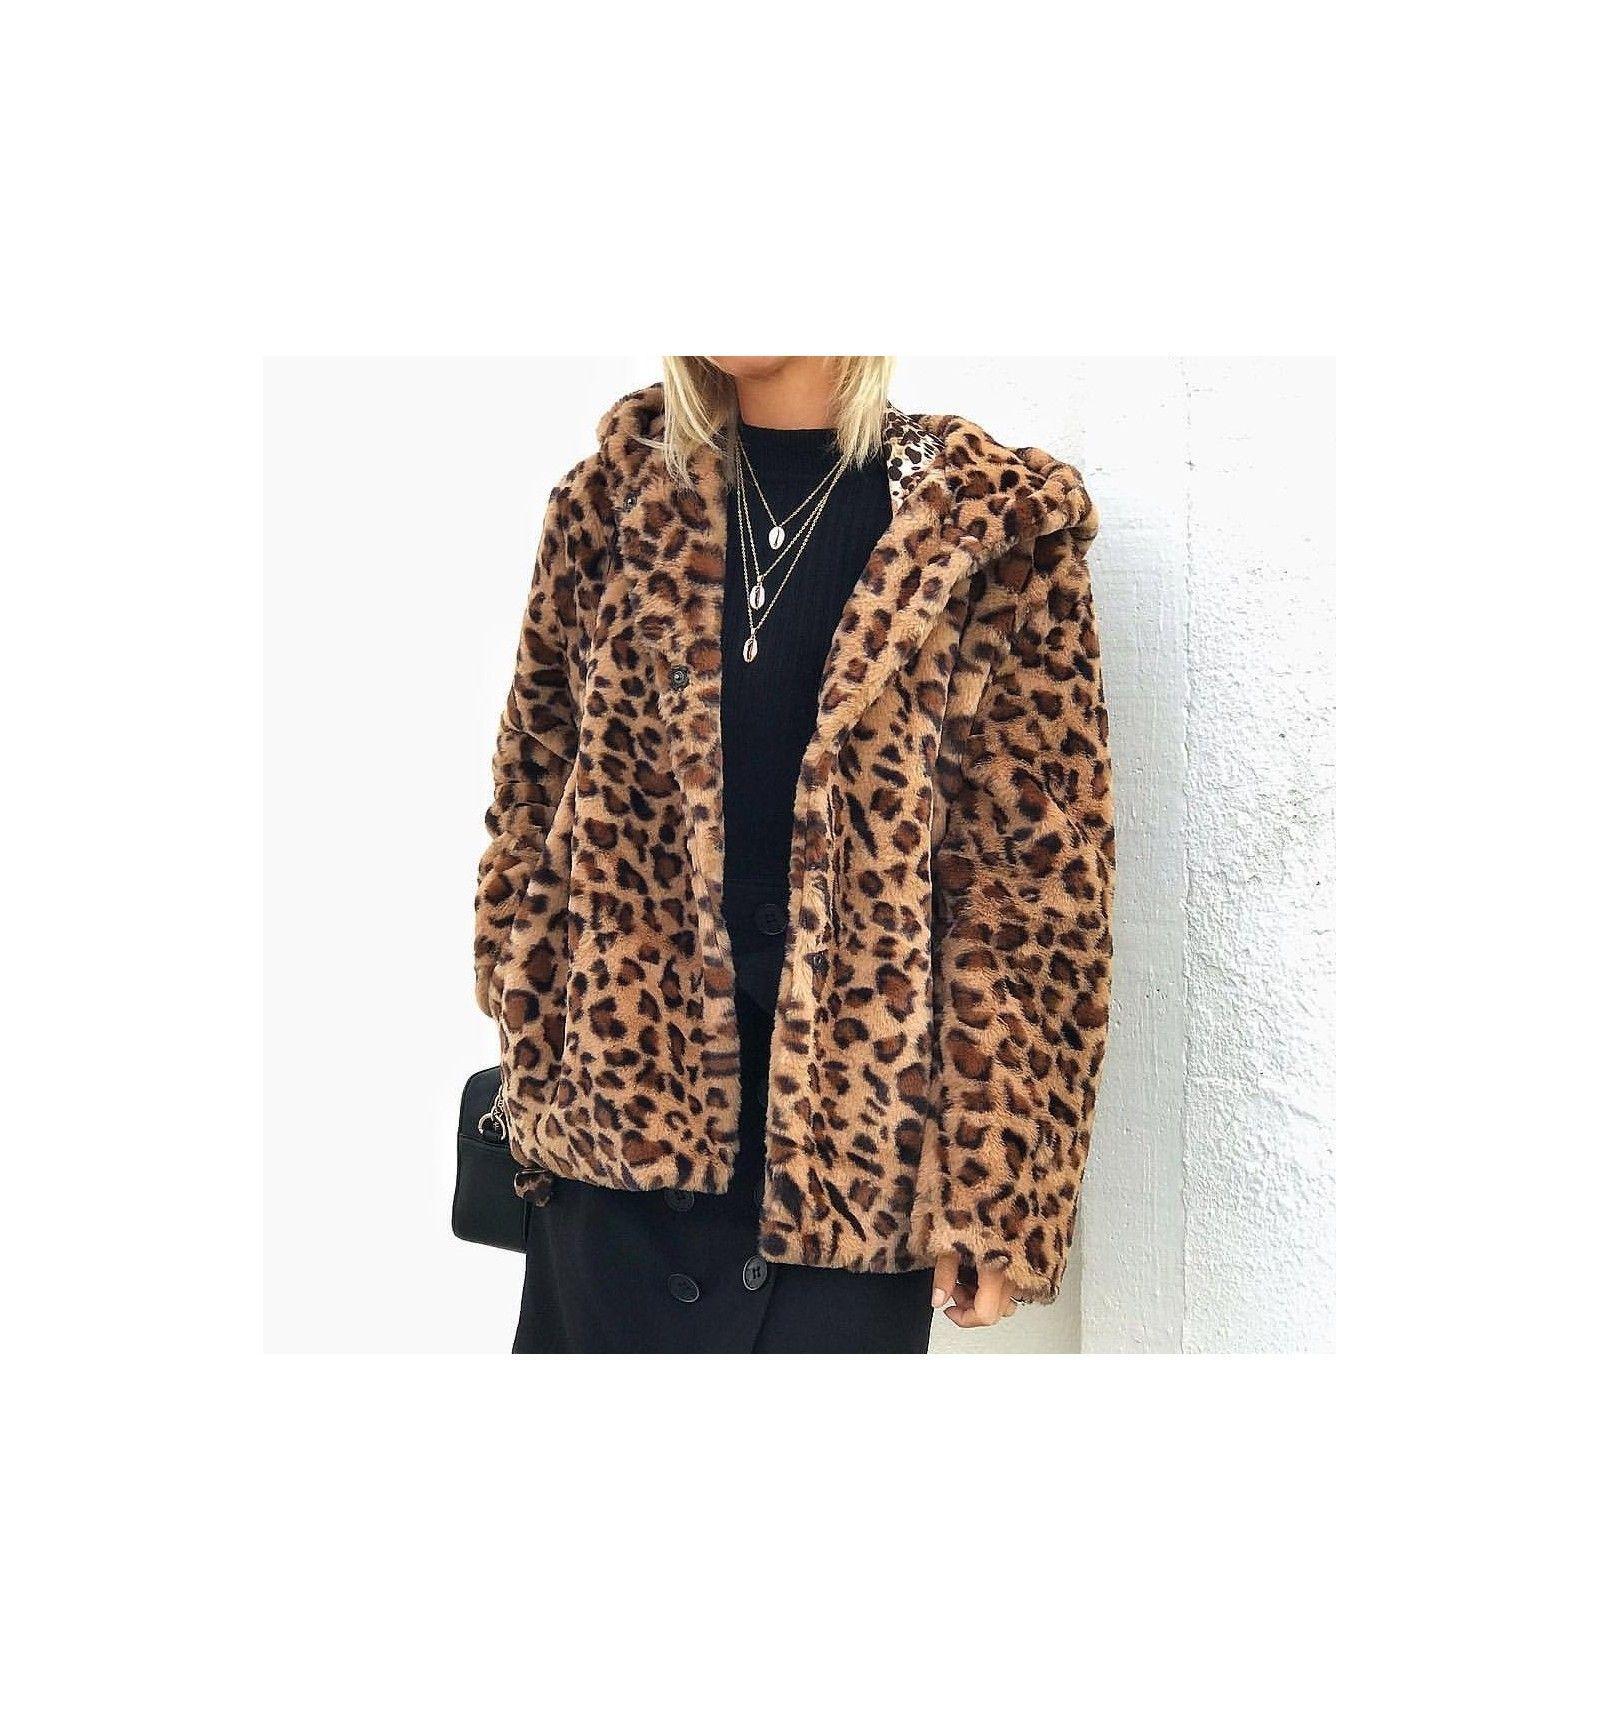 Abrigo de pelo print leopardo con capucha